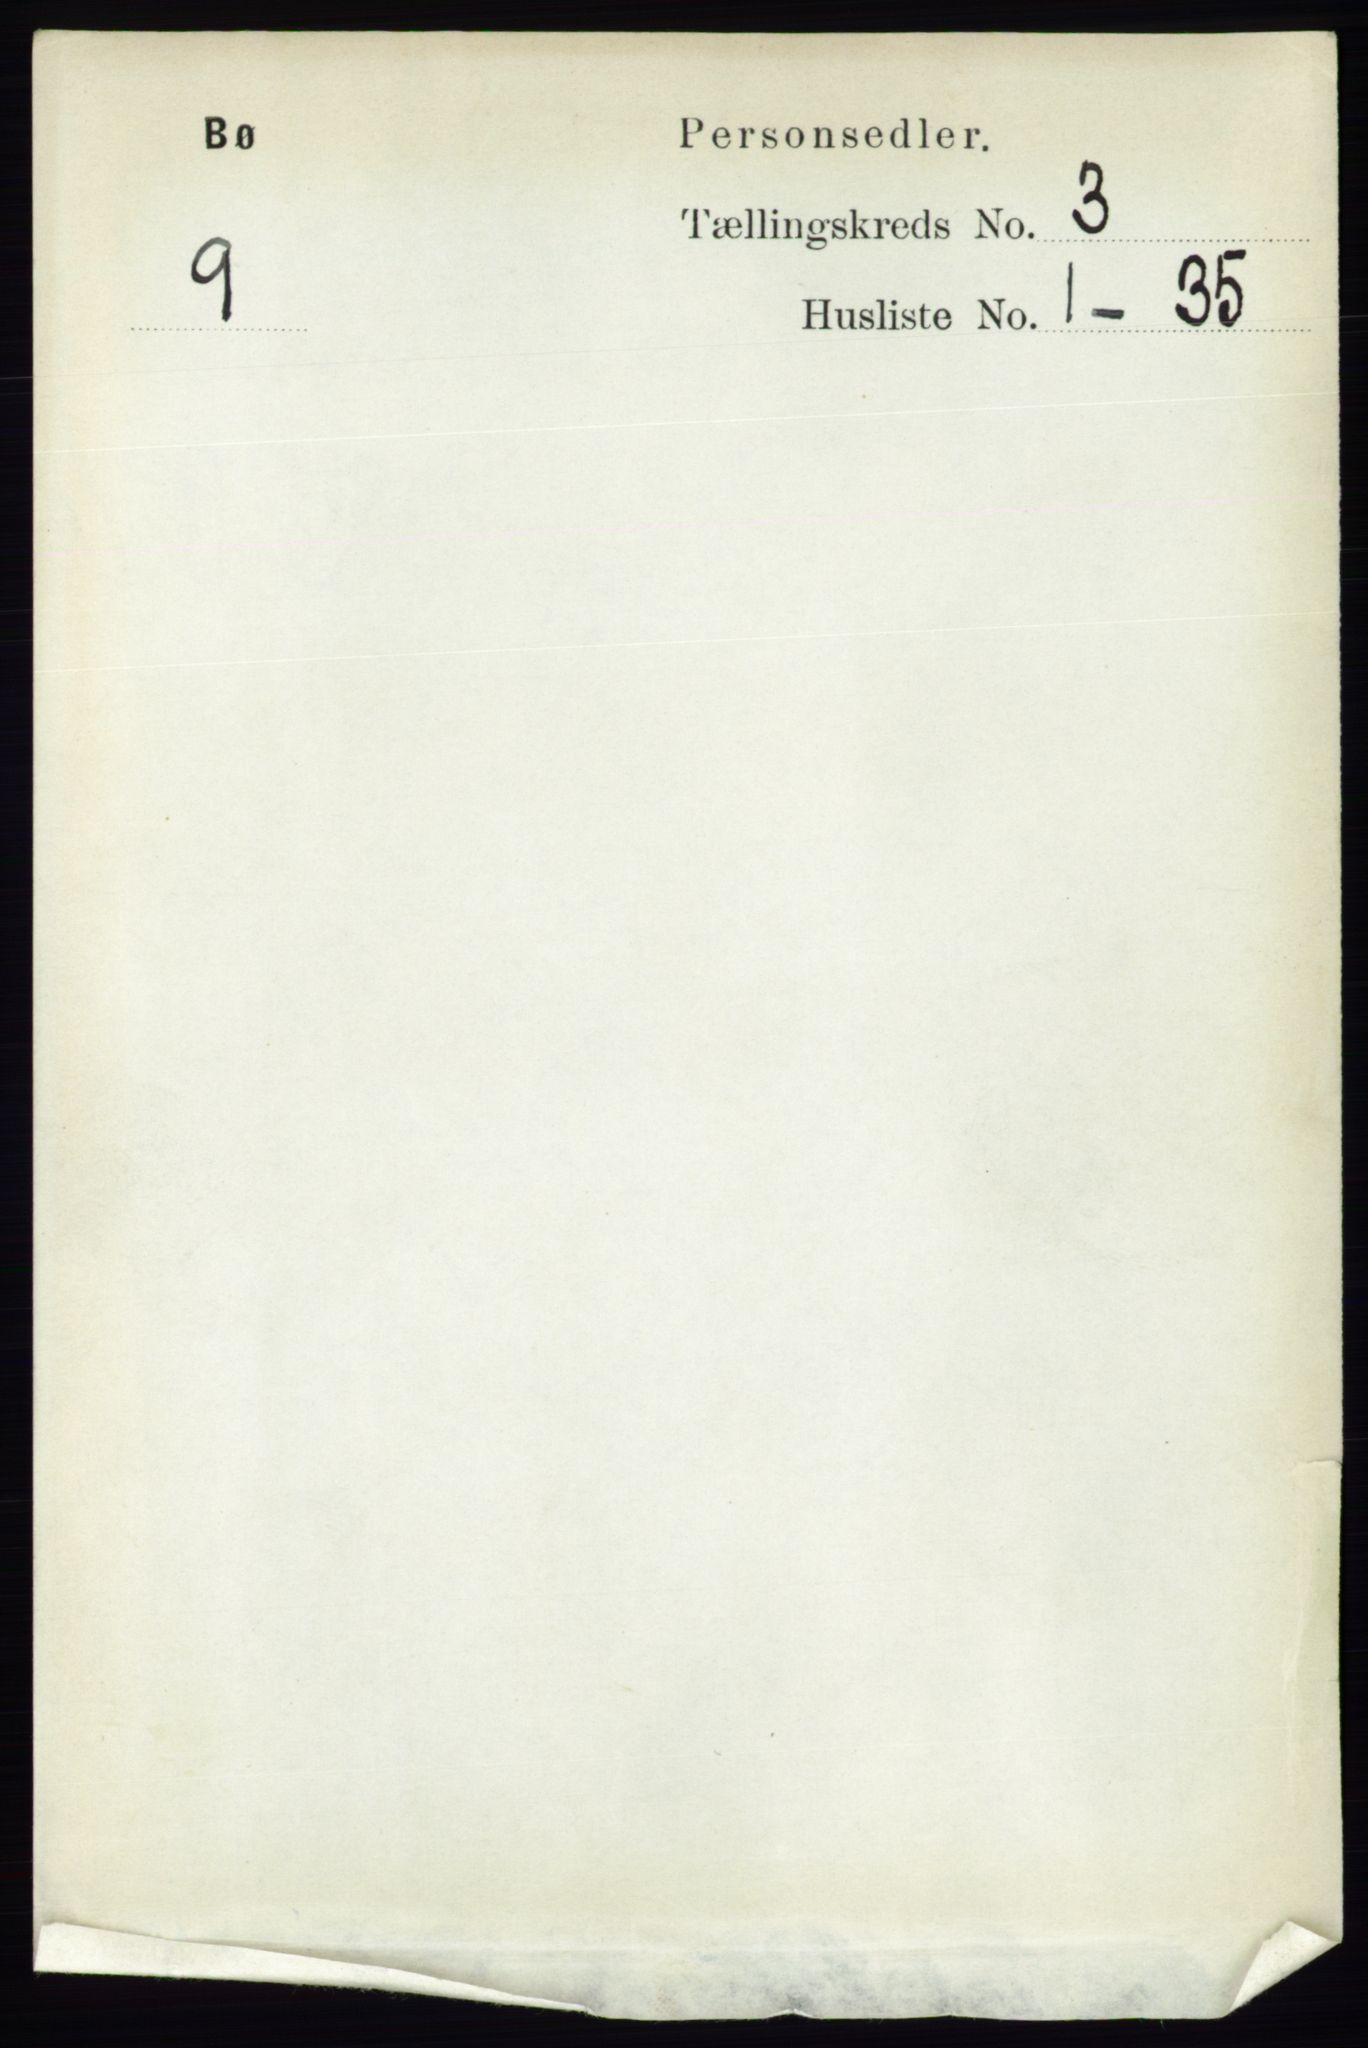 RA, Folketelling 1891 for 0821 Bø herred, 1891, s. 1016